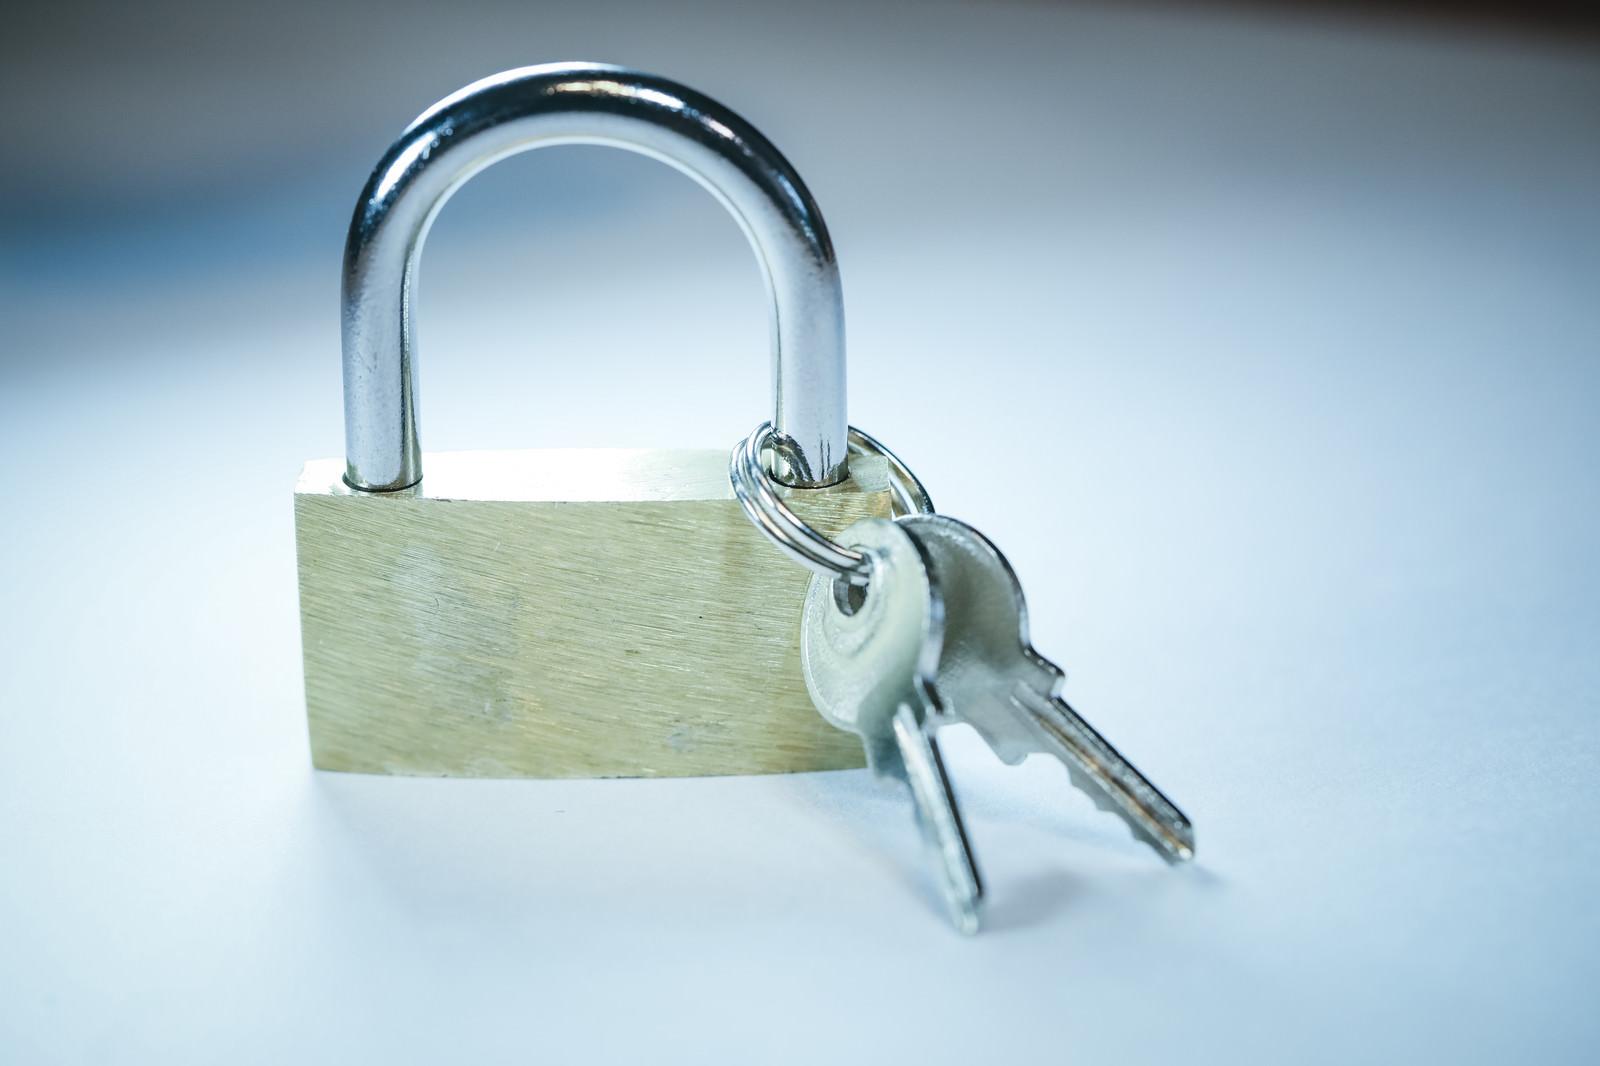 「南京錠(鍵セット)」の写真